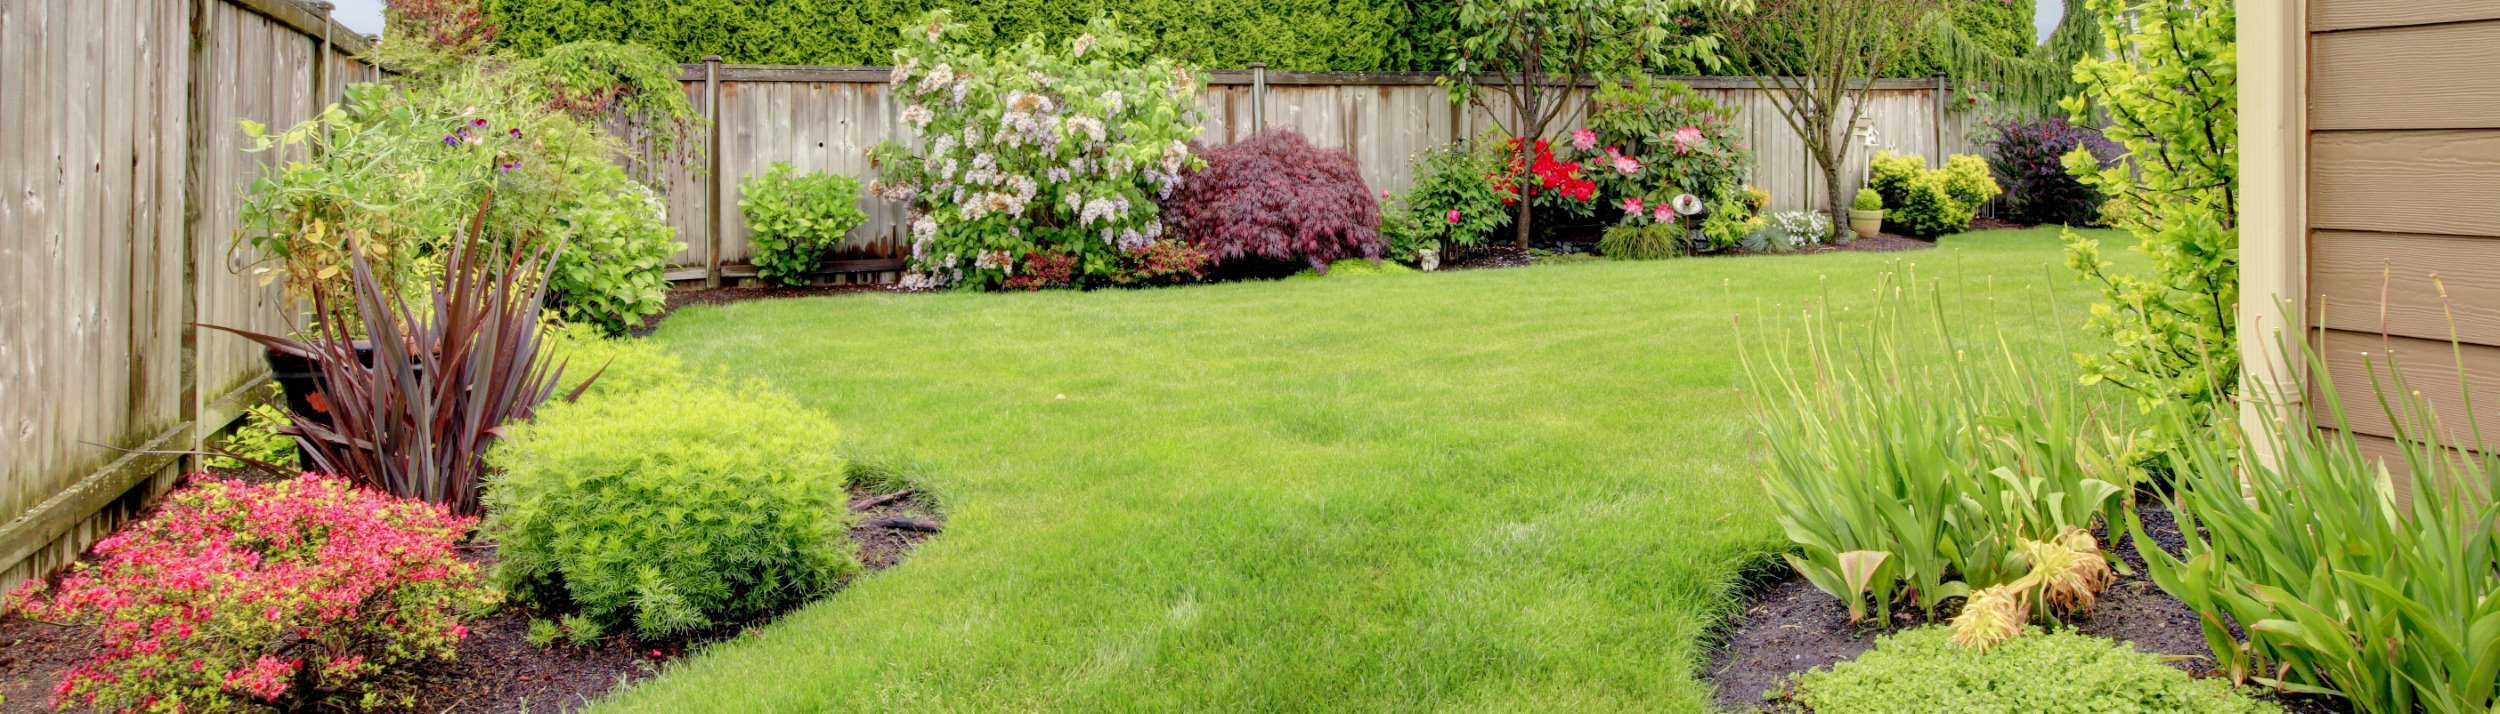 Ein Garten mit Rasenfläche und am Rand angelegten Blumenbeeten